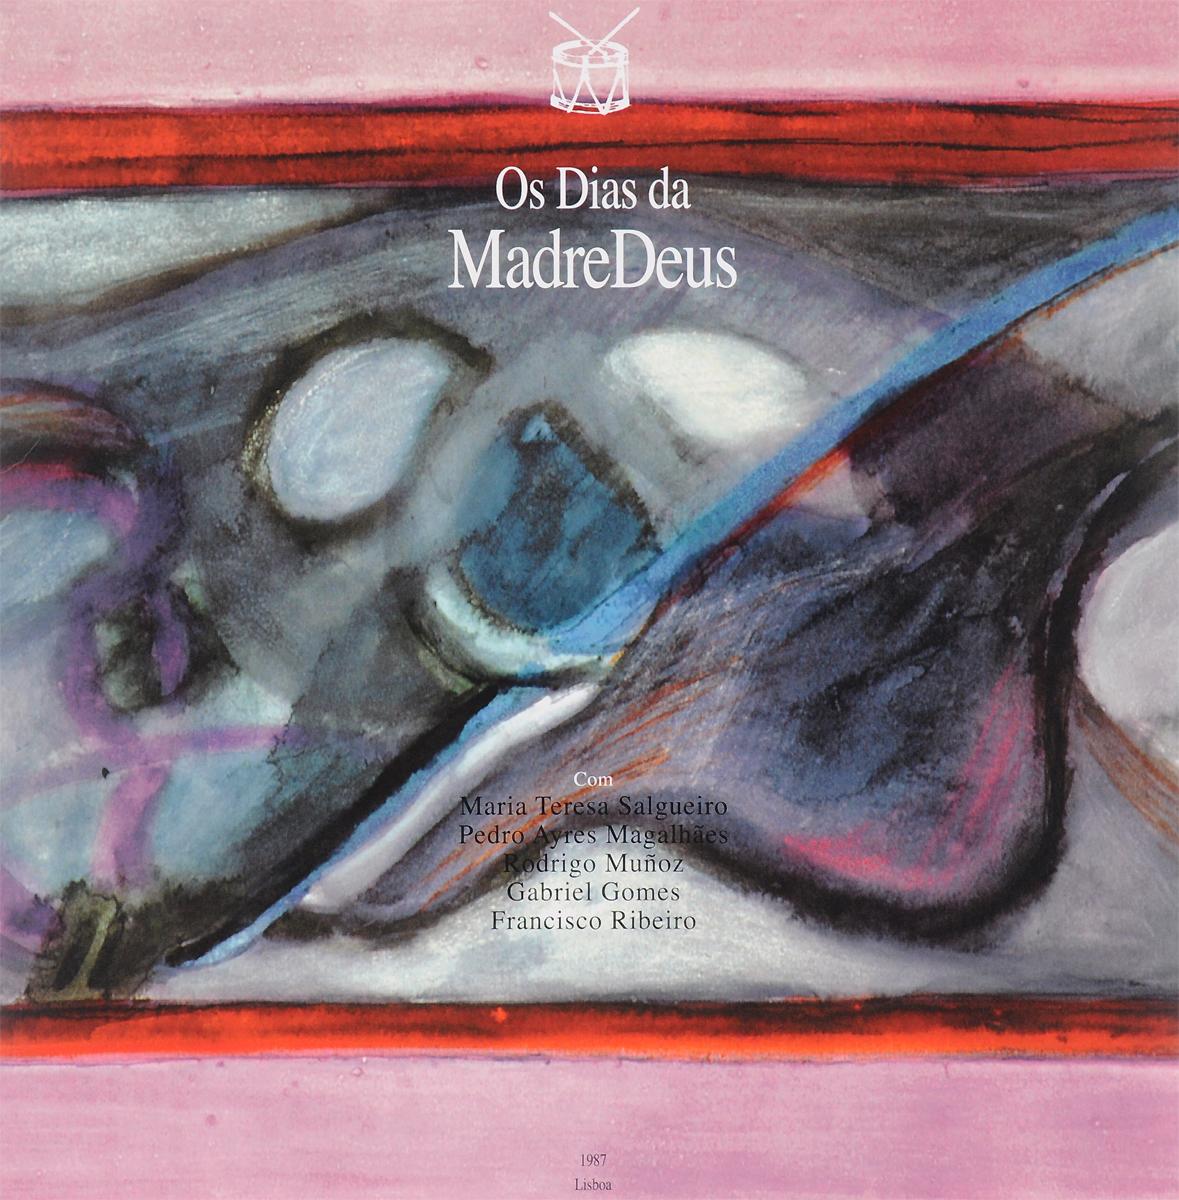 Madredeus. Os Dias Da Madredeus (2 LP)